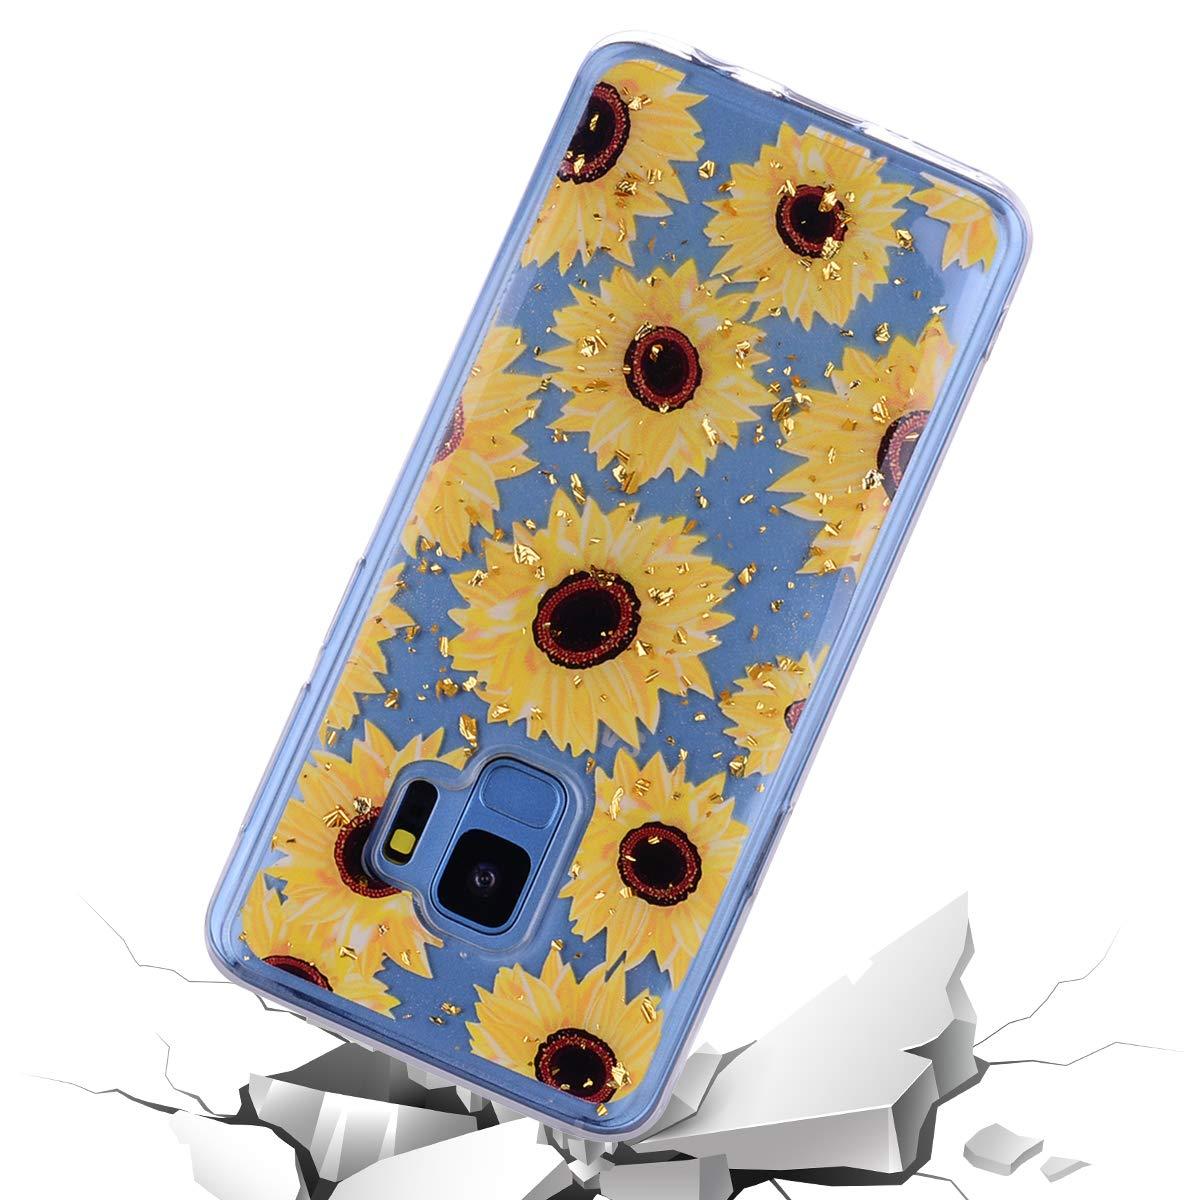 Karomenic Silikon H/ülle kompatibel mit Samsung Galaxy S9 Plus Gl/änzend Bling Glitzer Schutzh/ülle Weiche TPU Durchsichtig Handyh/ülle Crystal Klar Transparent Tasche Case Bumper Schale Liebe Eule